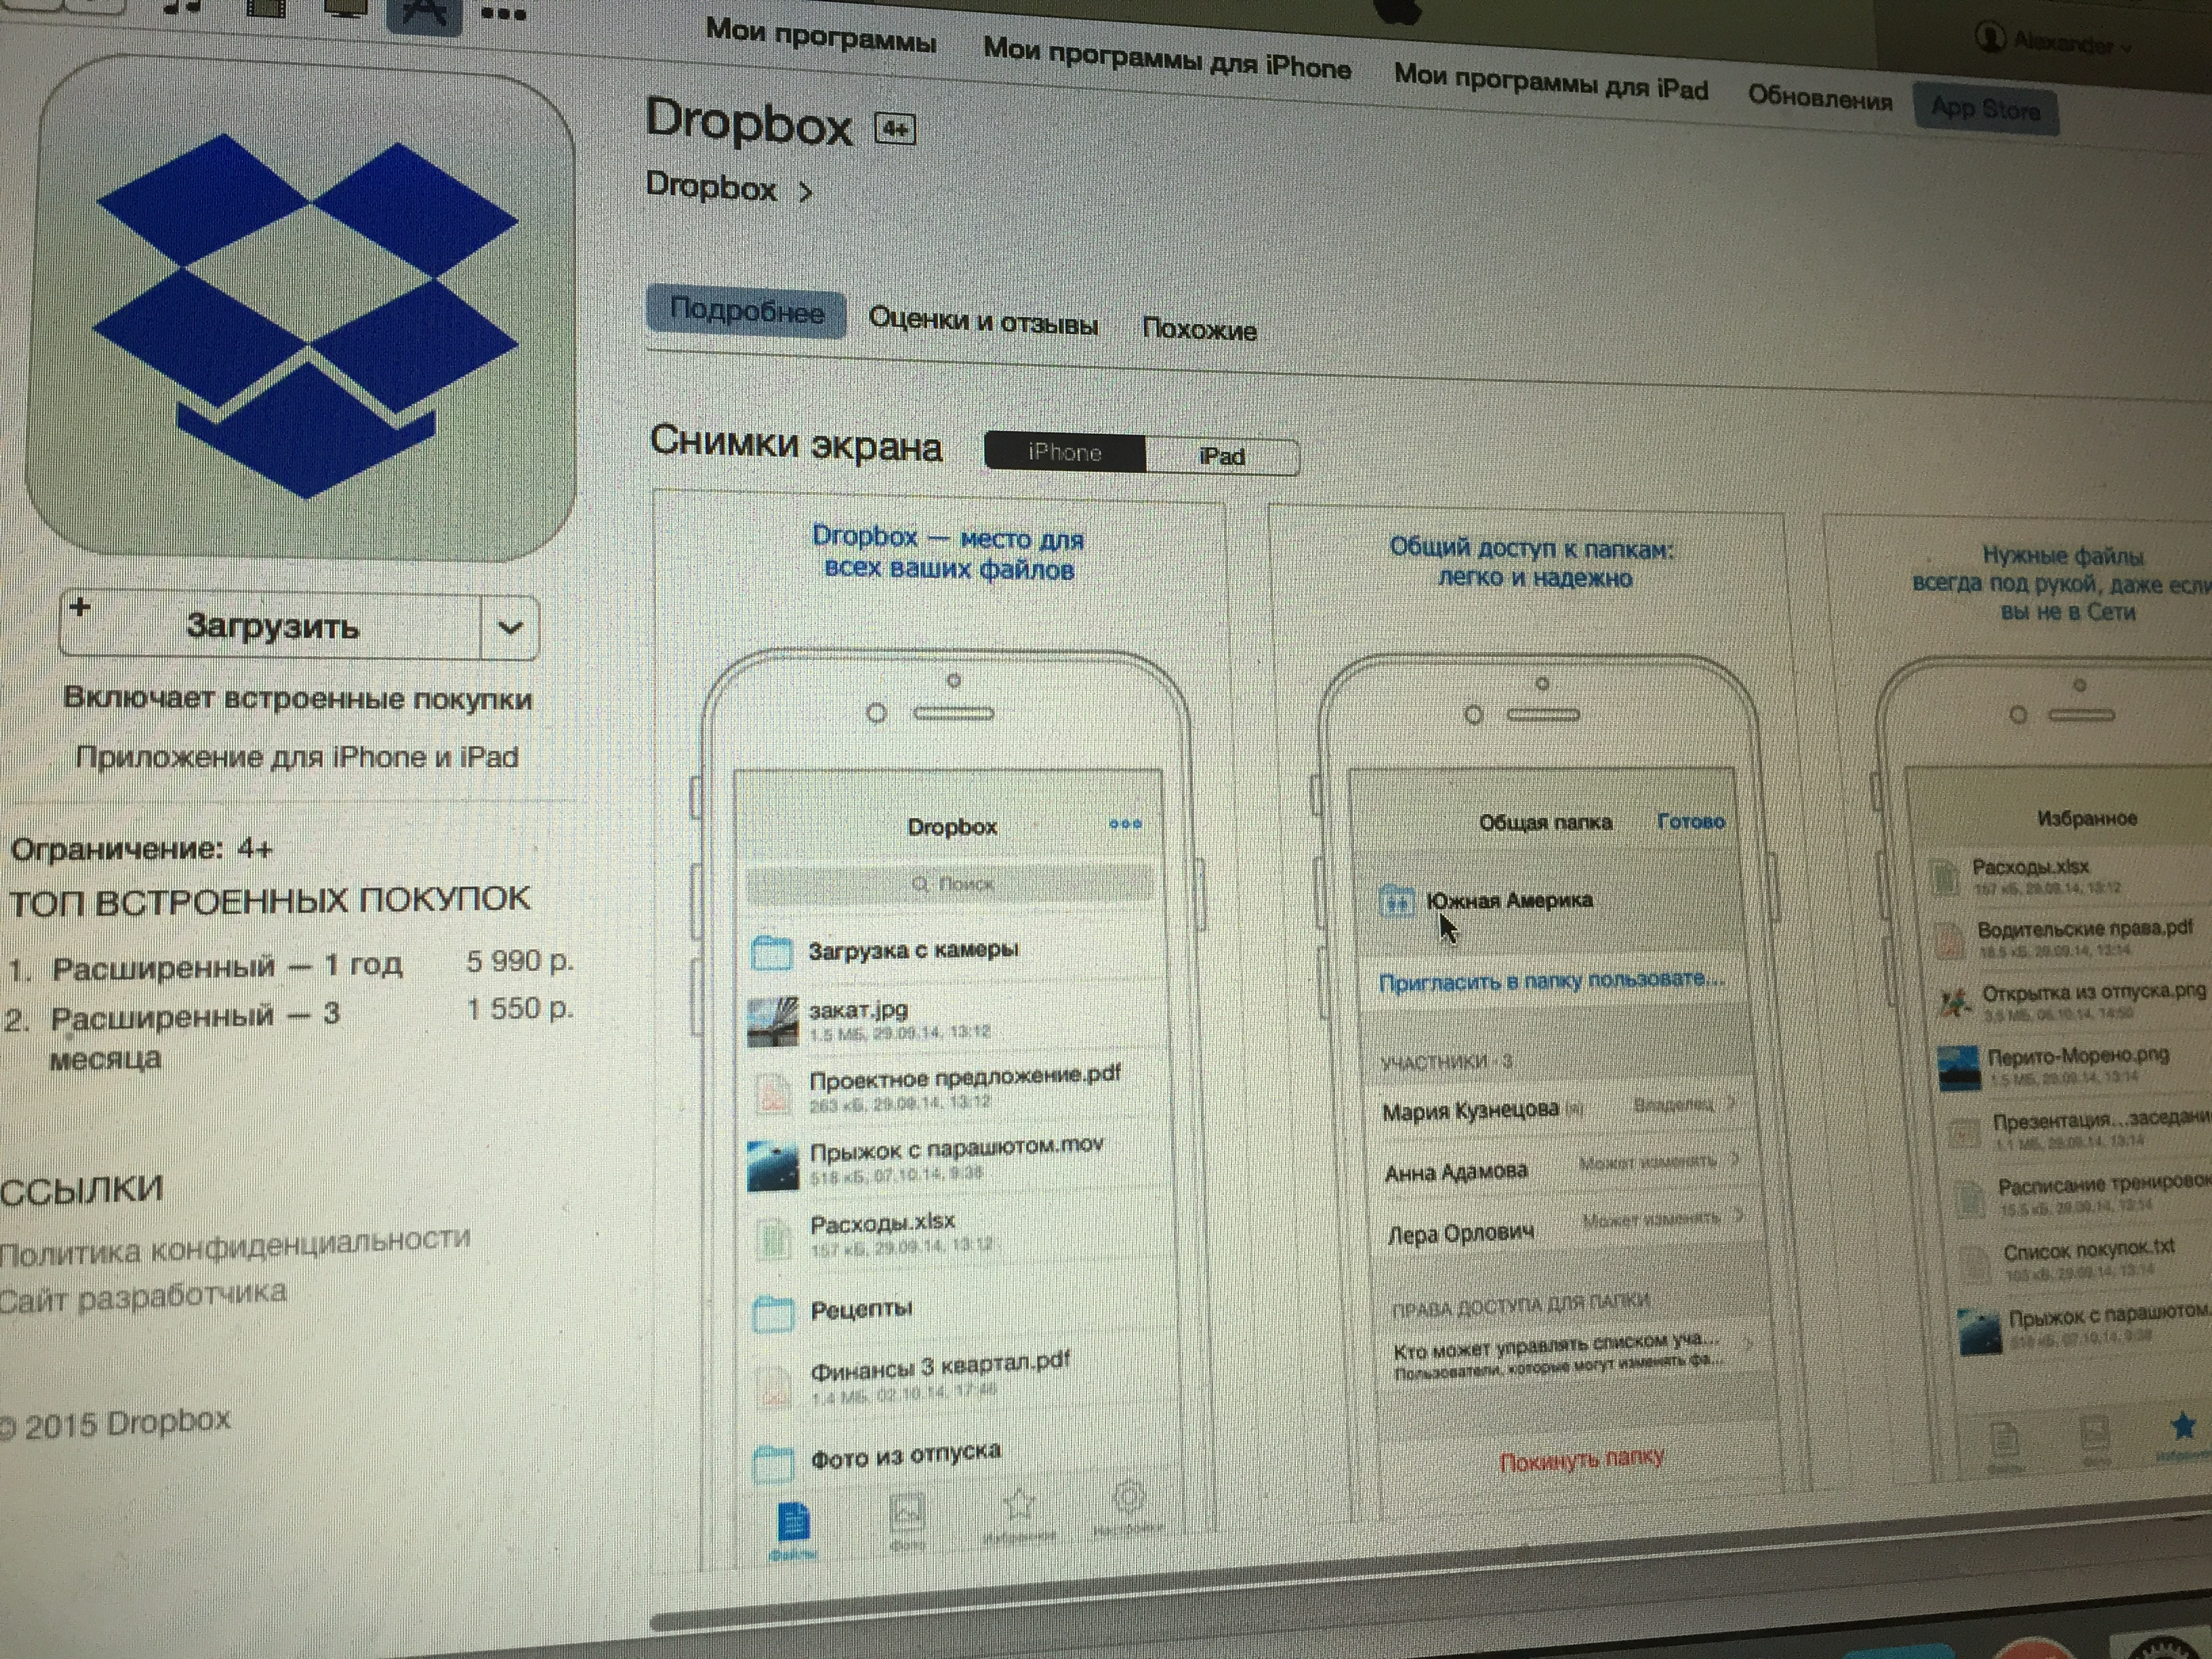 Dropbox для iOS теперь позволяет загружать файлы отовсюду